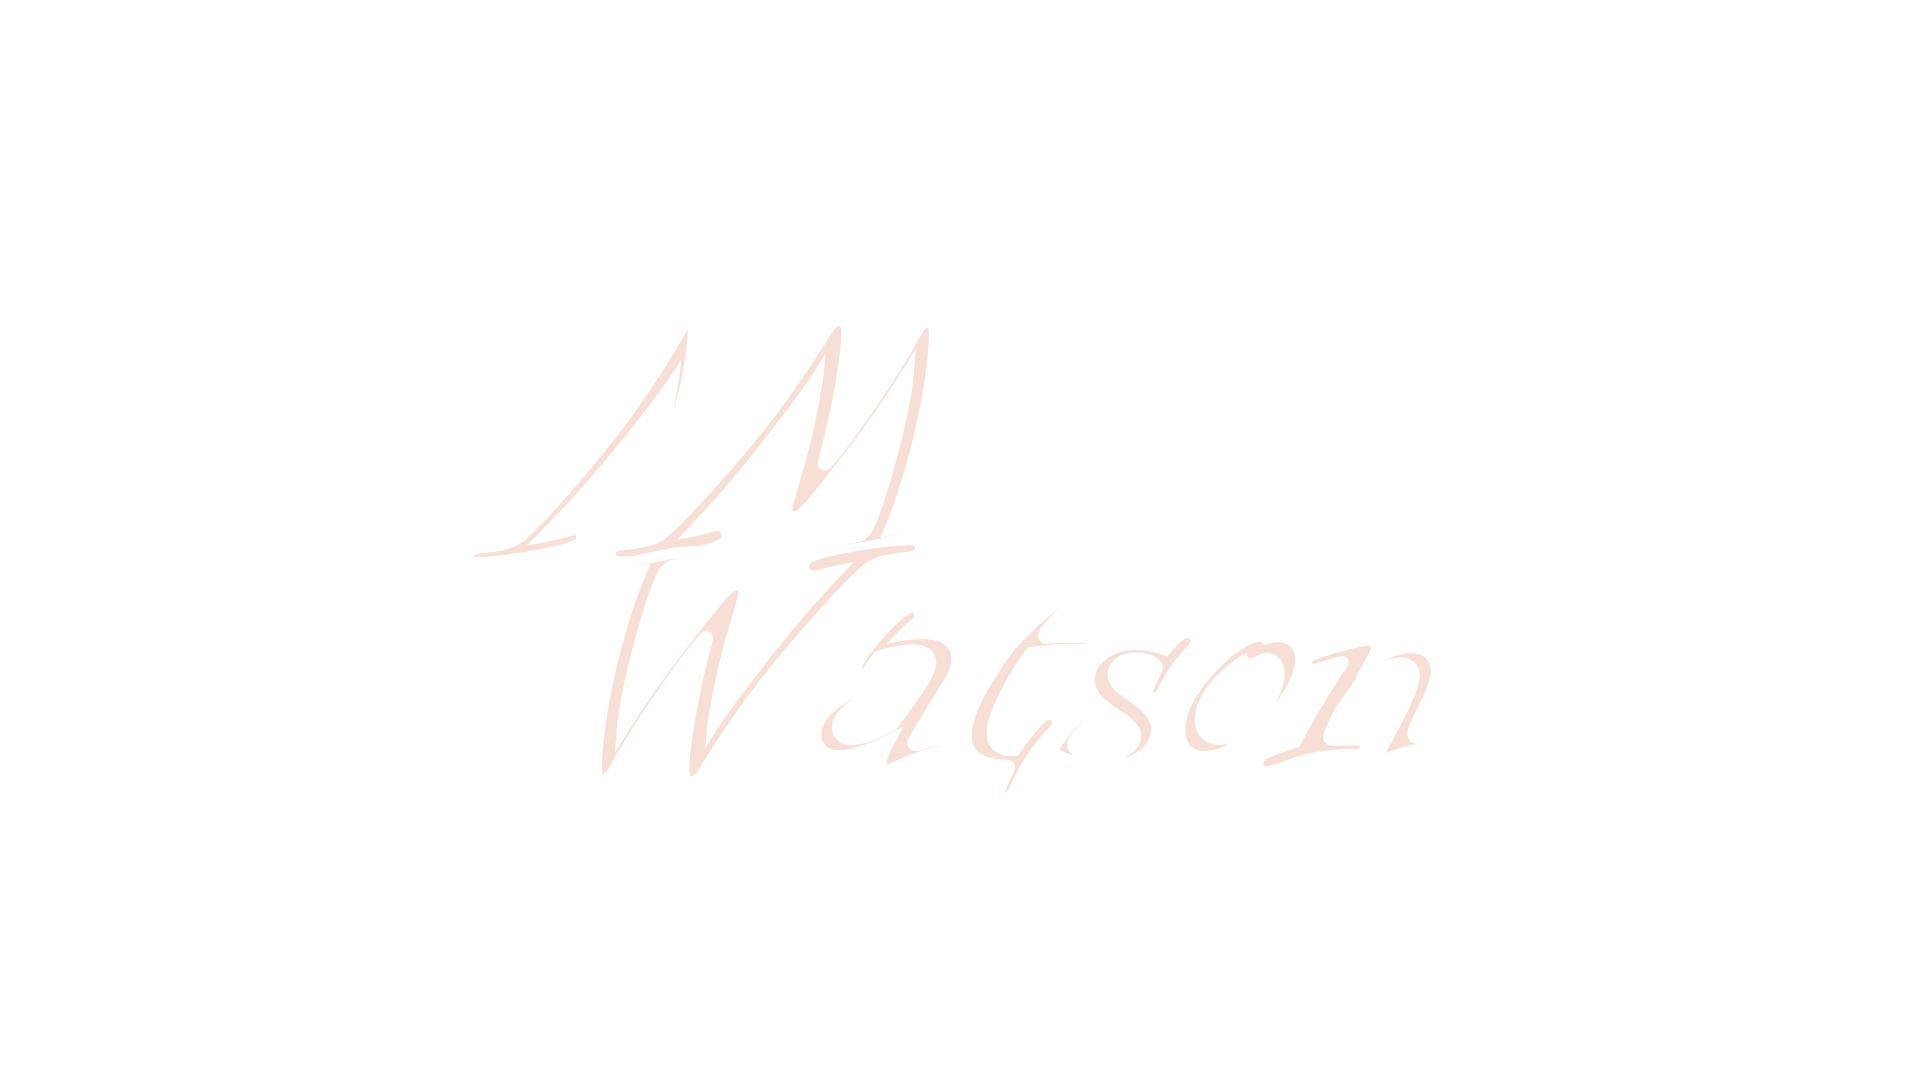 Разработать логотип для балетного бренда фото f_3475bc32031e08ff.png